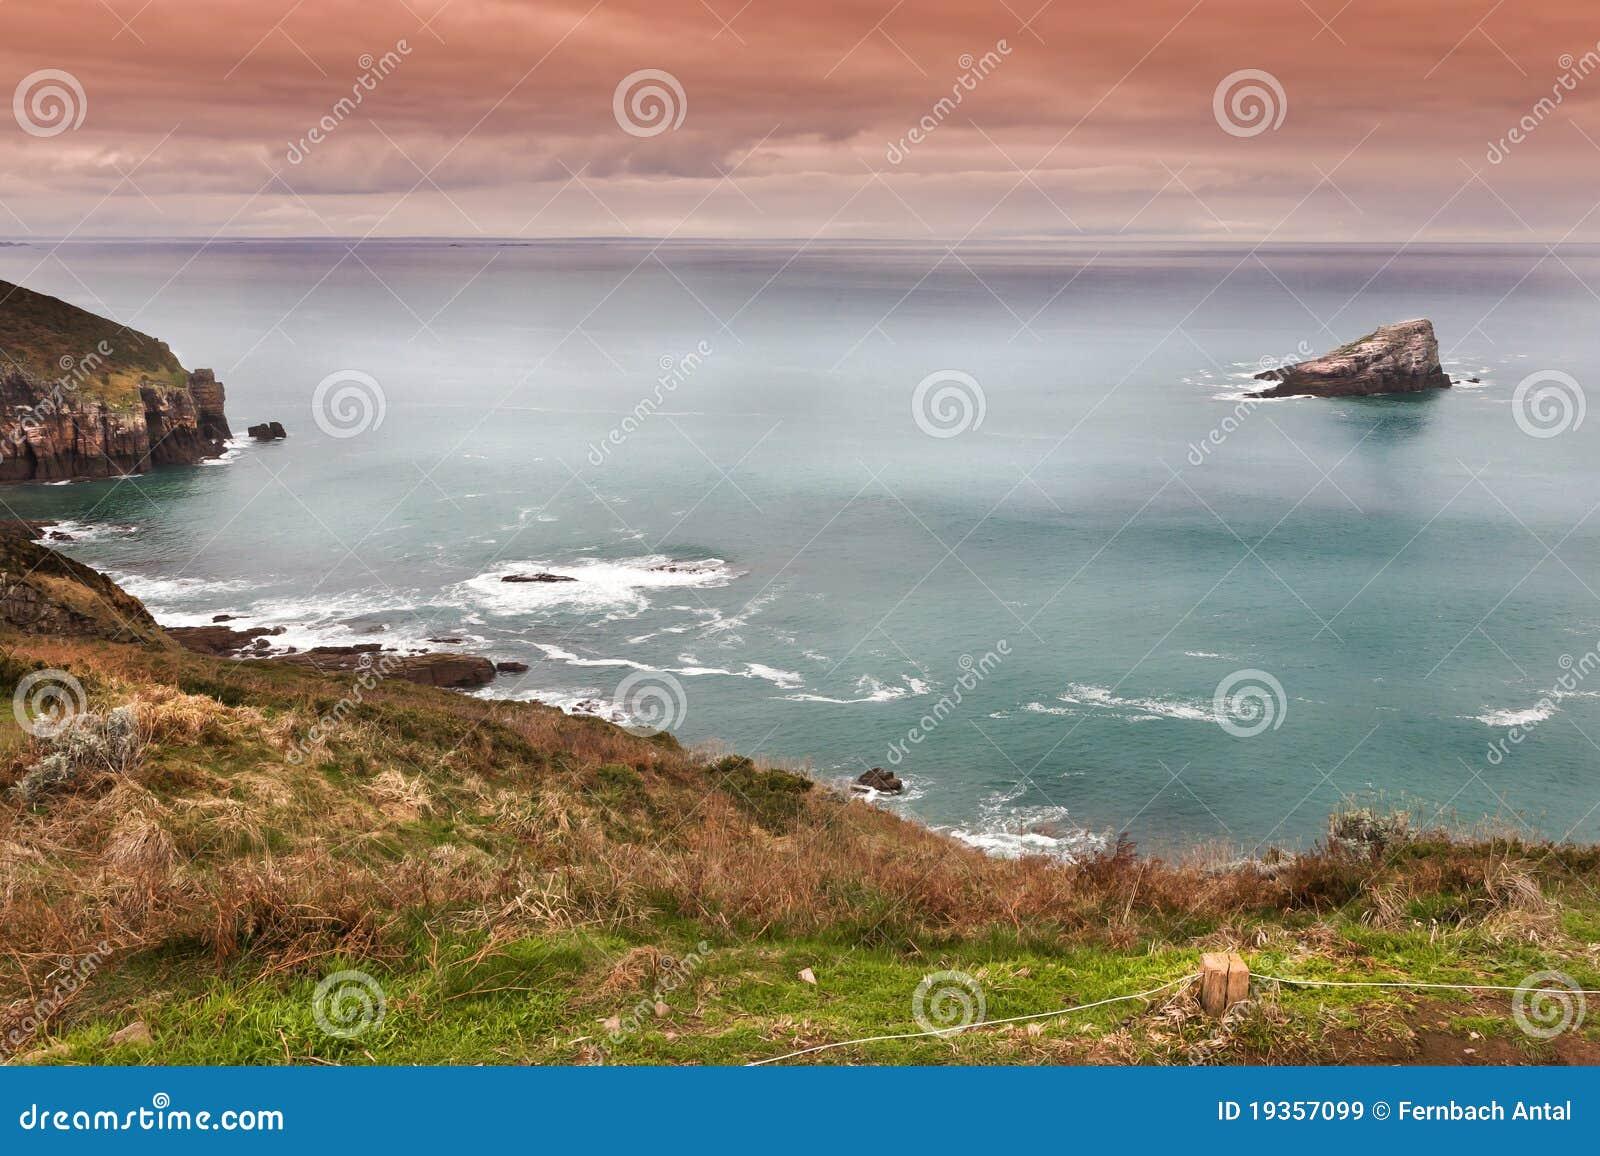 Oceano Atlântico em um dia tormentoso